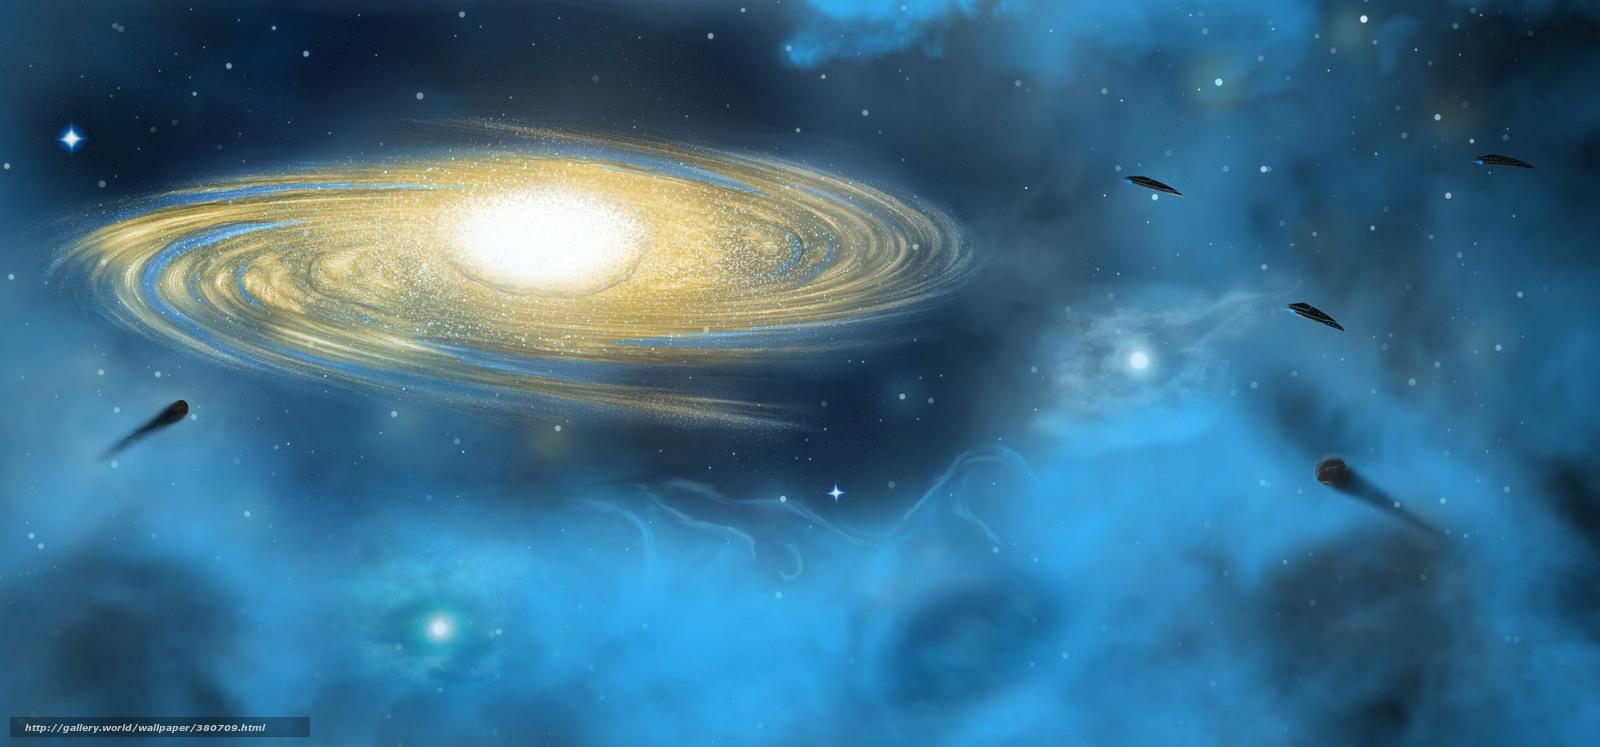 Galaxies The Galaxies